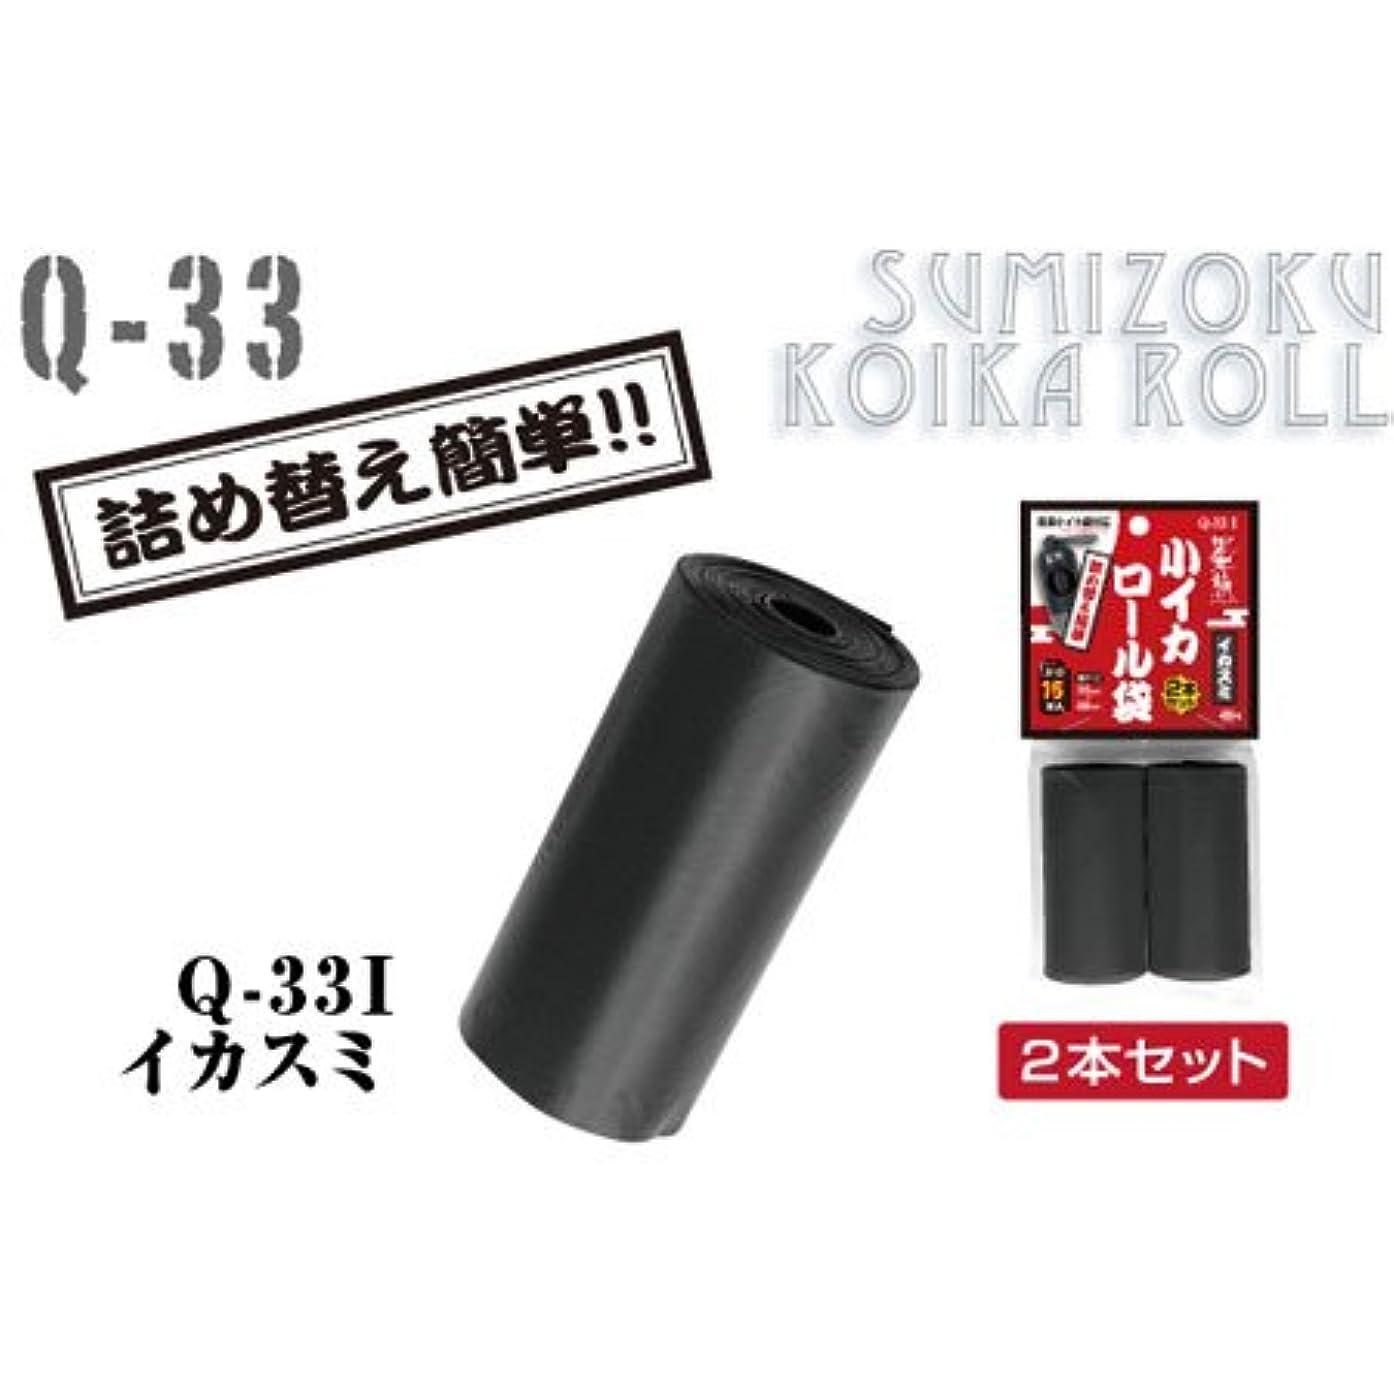 窒素ぼろ増強するハリミツ 墨族 Q-33 小イカロール袋 小物